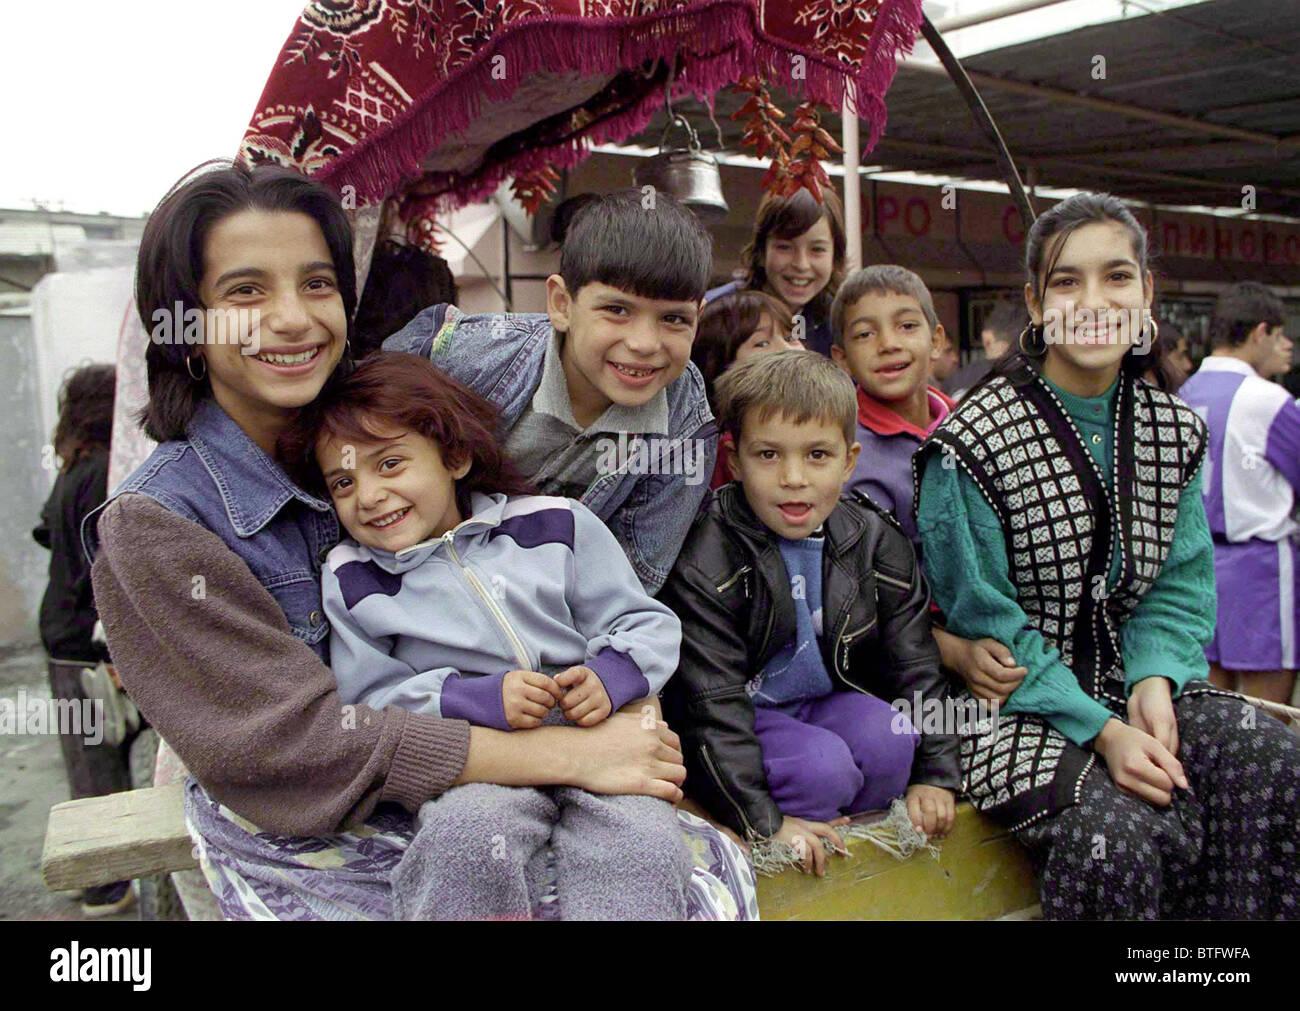 ROMA CHILDREN FROM STOLIPINOVO, BULGARIA. - Stock Image